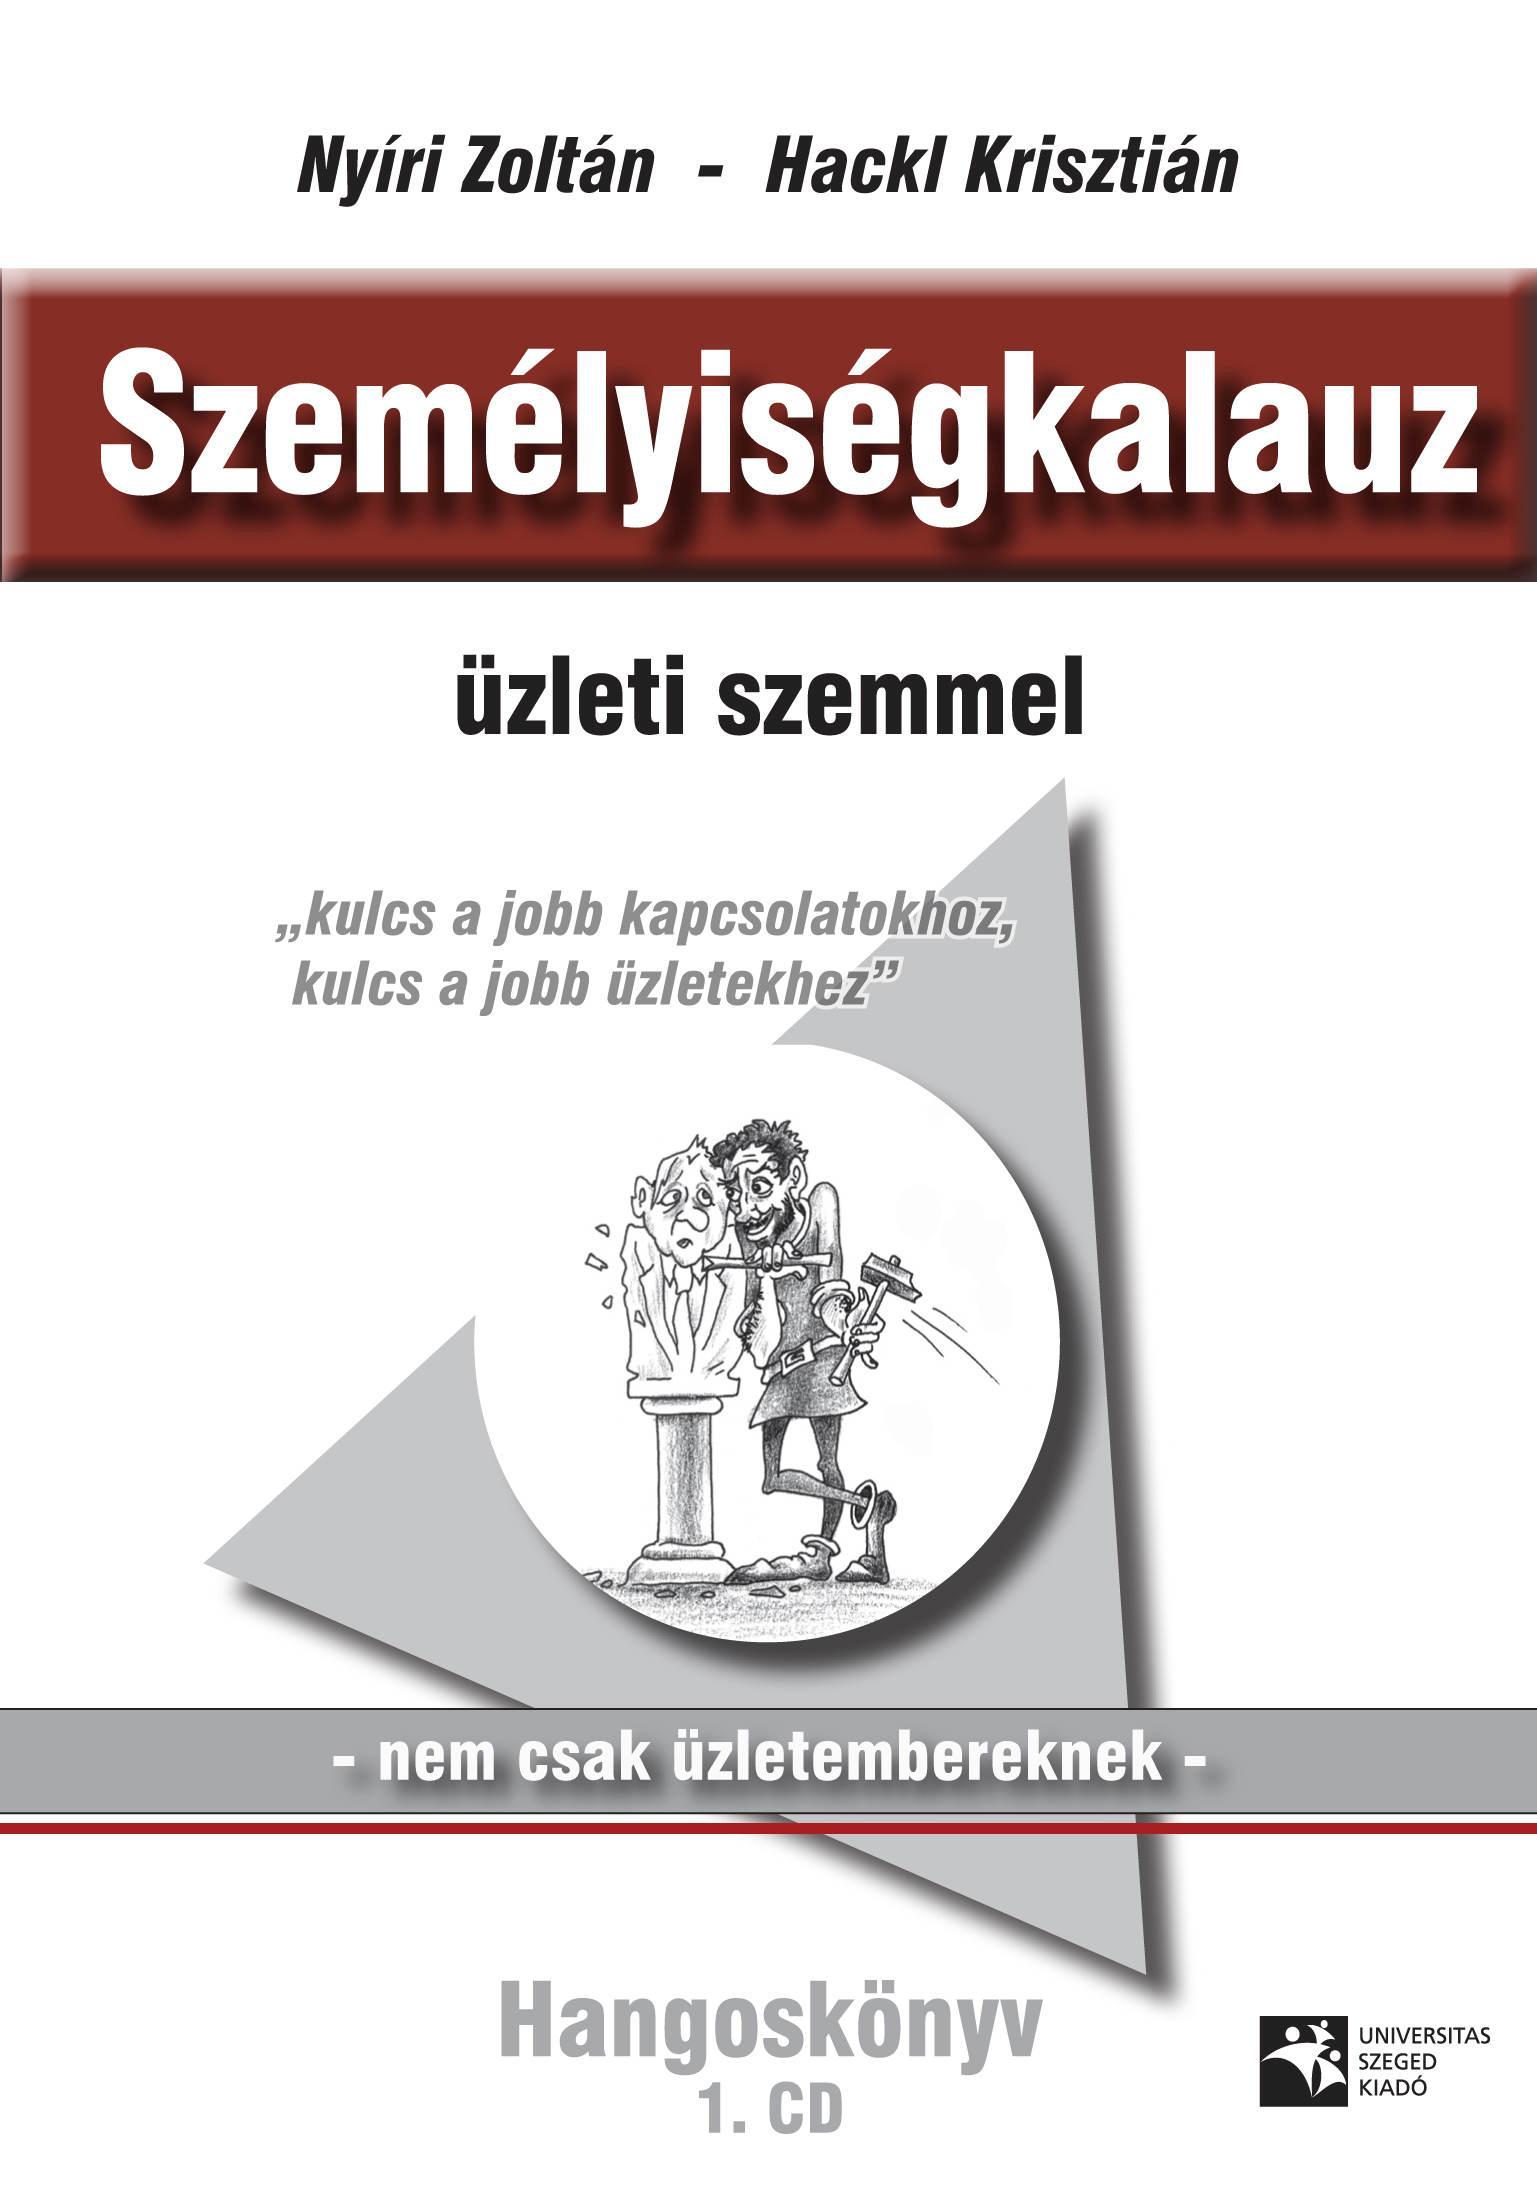 SZEMÉLYISÉGKALAUZ ÜZLETI SZEMMEL - HANGOSKÖNYV -